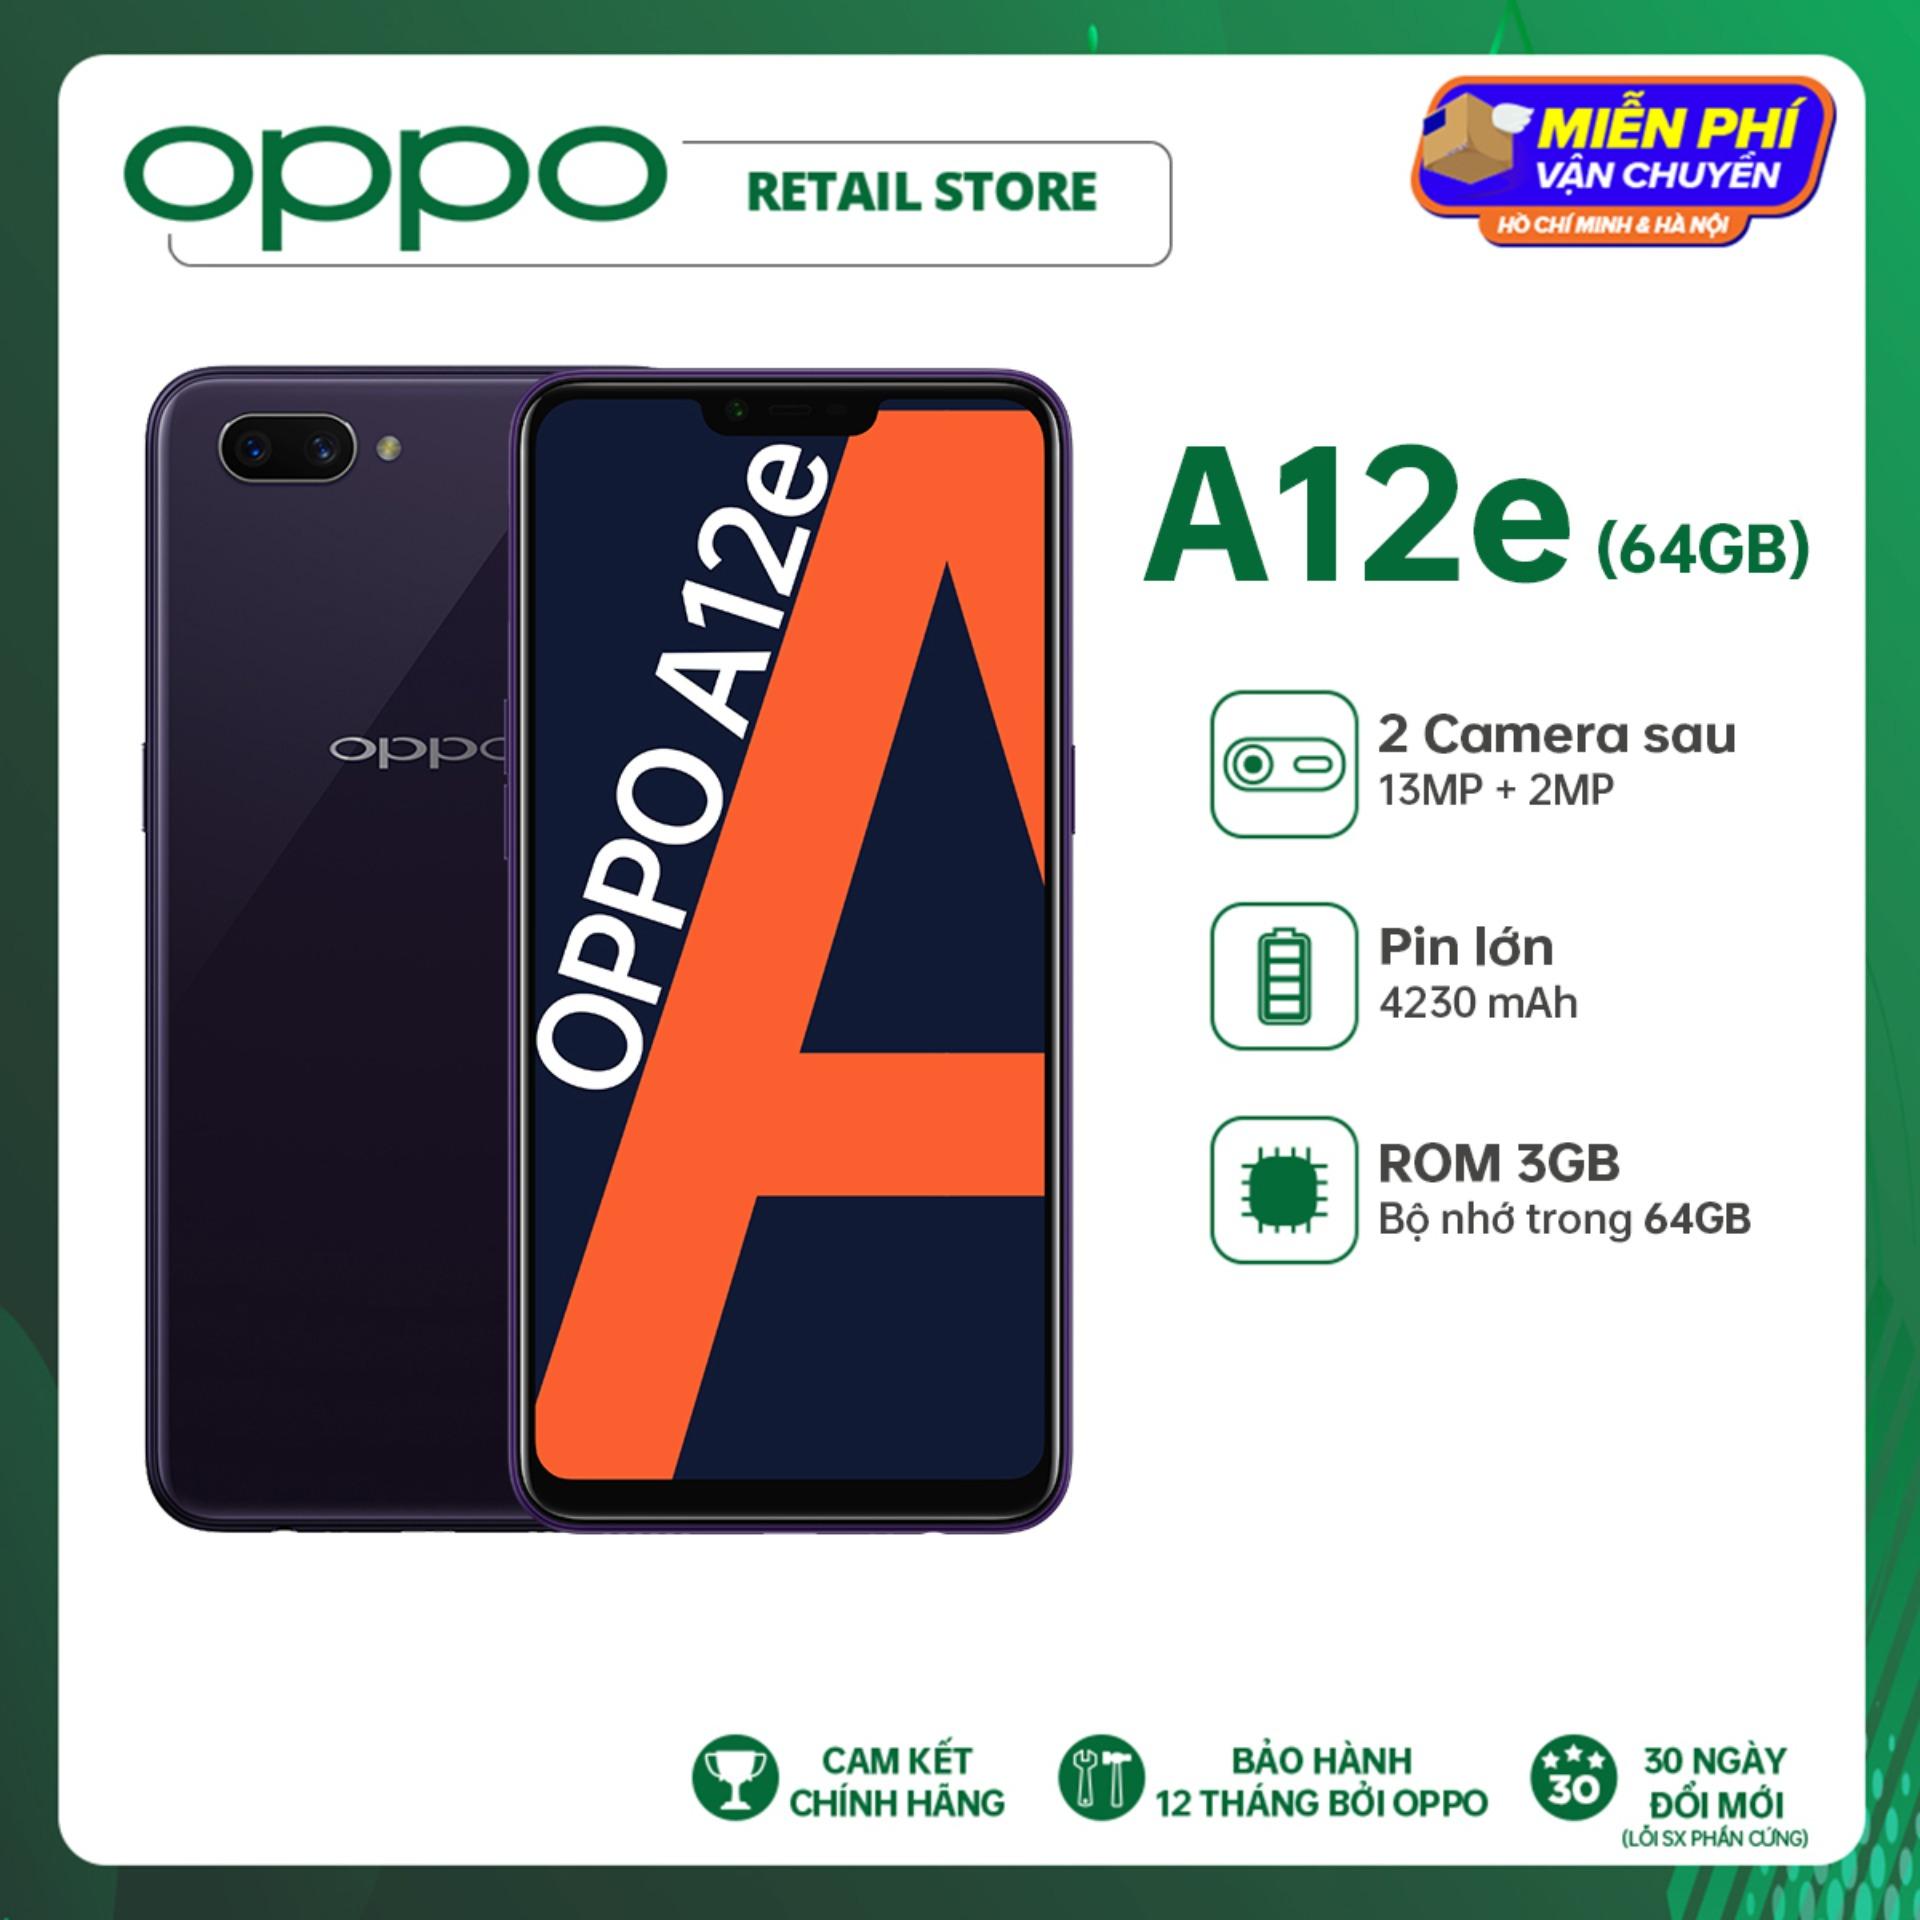 ĐỘC QUYỀN LAZADA Điện thoại OPPO A12e (3GB/64GB) - Pin trâu hơn 4230Mah Bộ nhớ lớn hơn 64GB Camera sap kép xóa phông Camera trước làm đẹp AI - Hàng chính hãng Bảo hành 12 tháng